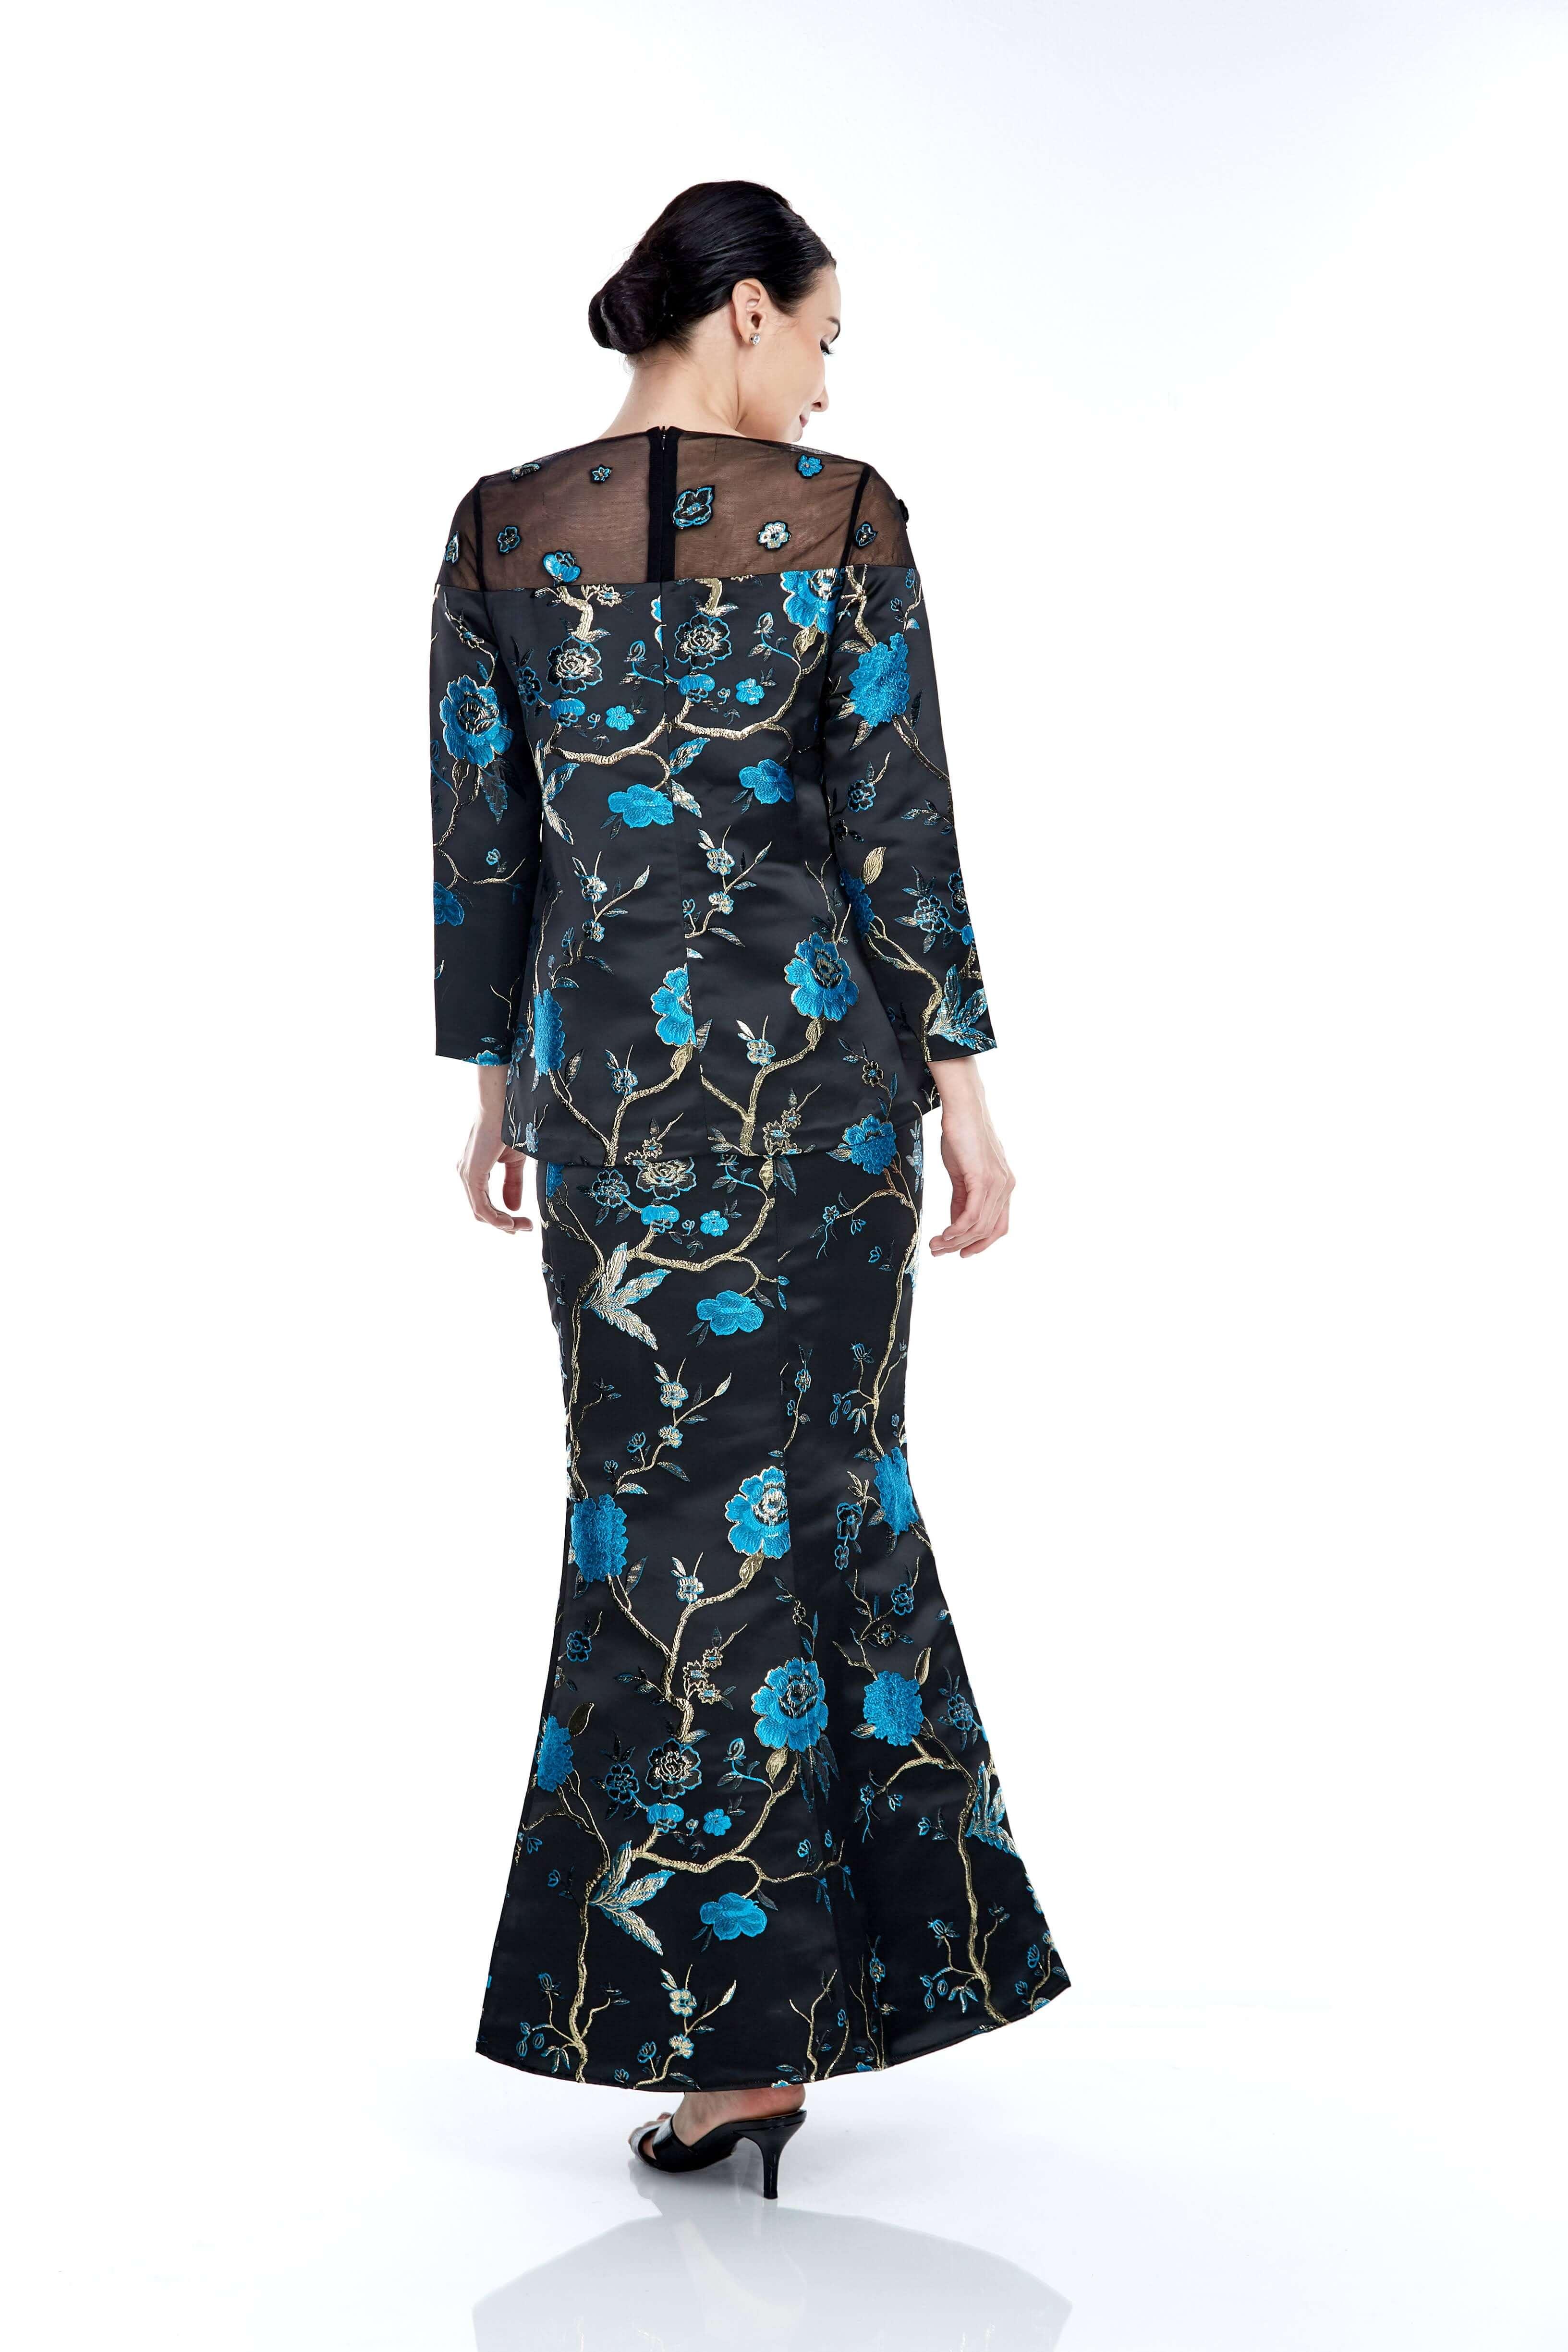 Black-Blue Floral Round Neck With See Through Neckline (6)